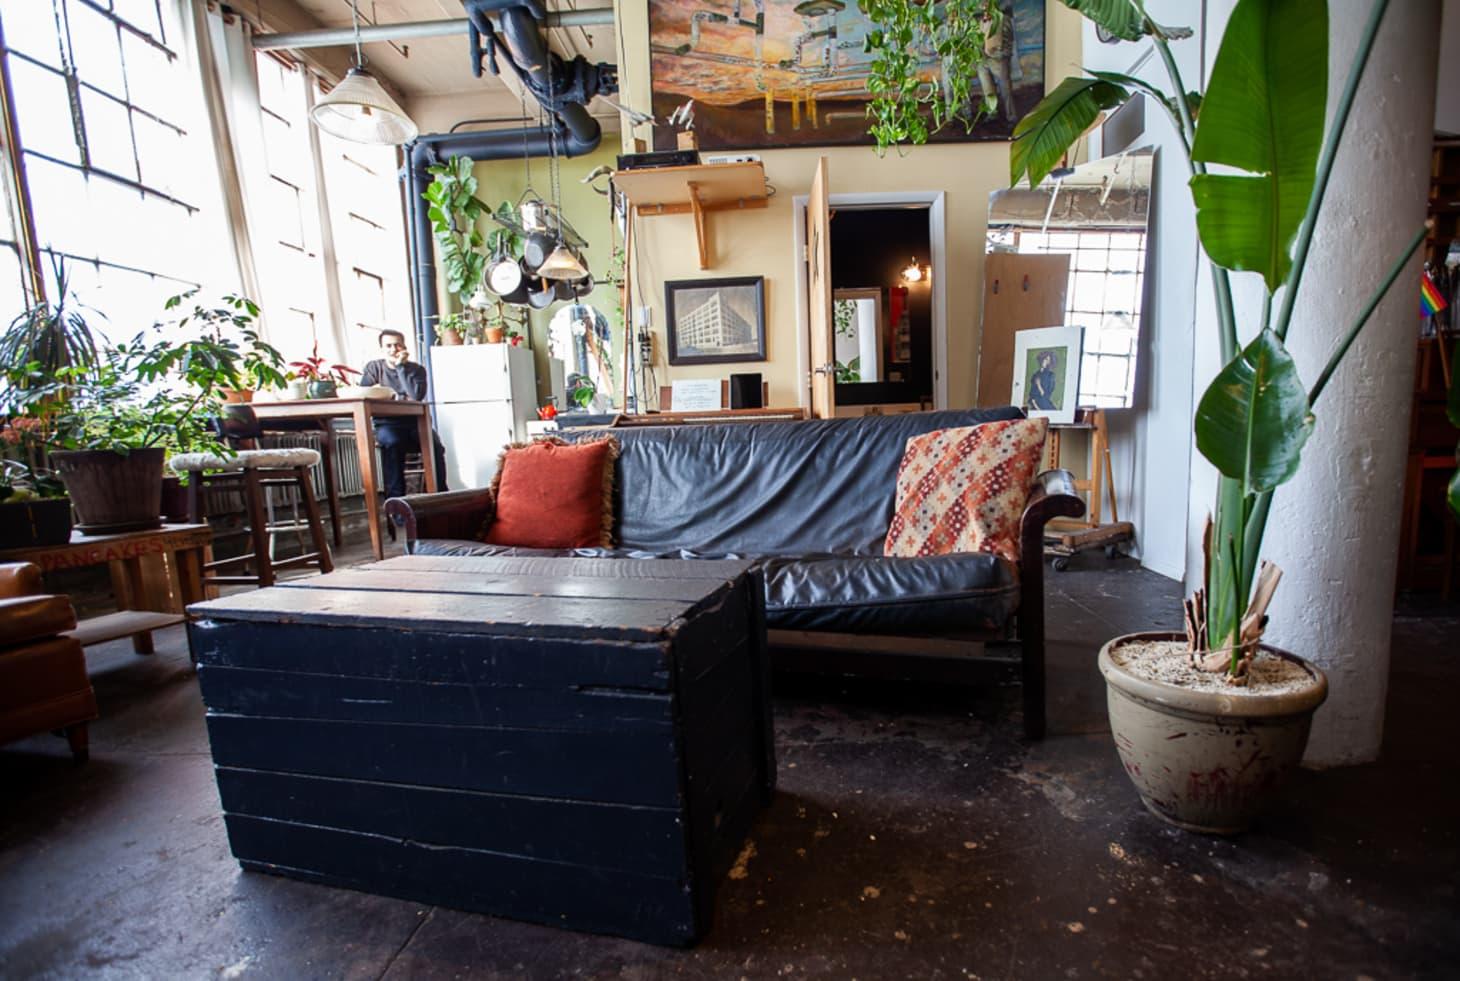 IKEA Tabletop Reuse Ideas - Brooklyn Loft   Kitchn